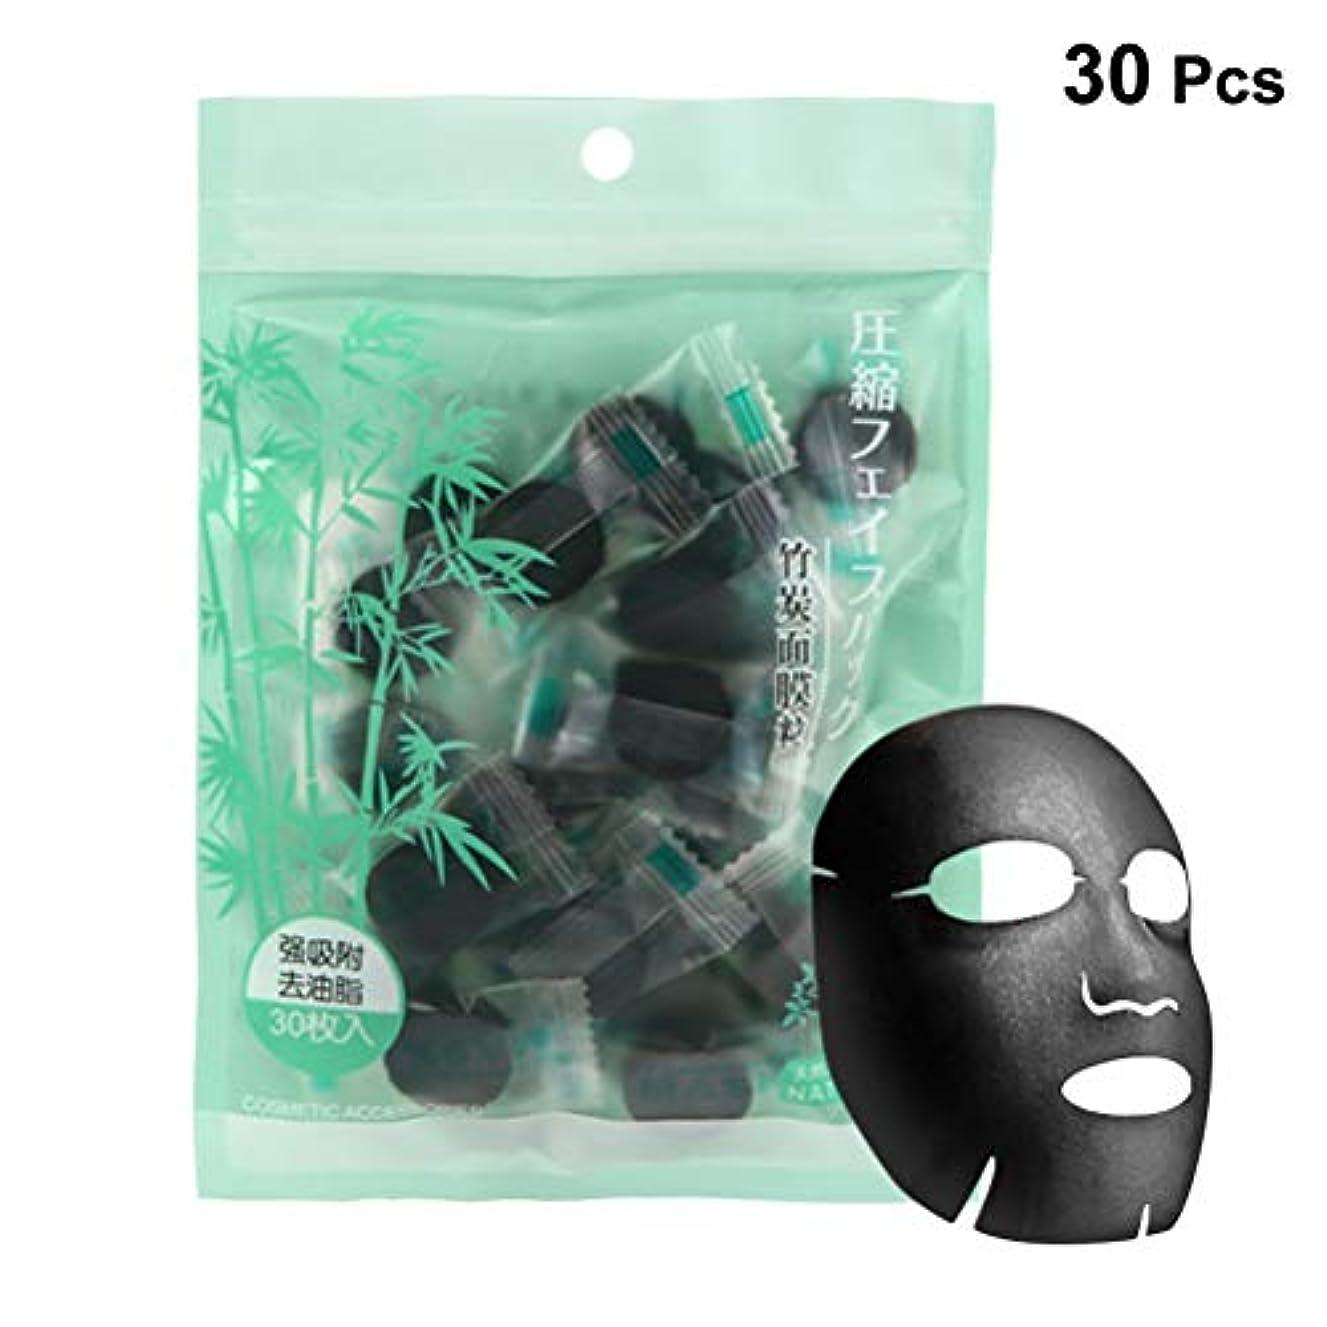 つかまえる包括的シングルh 圧縮フェイスマスクブラック使い捨てスキンフェイスケアDIYフェイシャルマスク30ピース